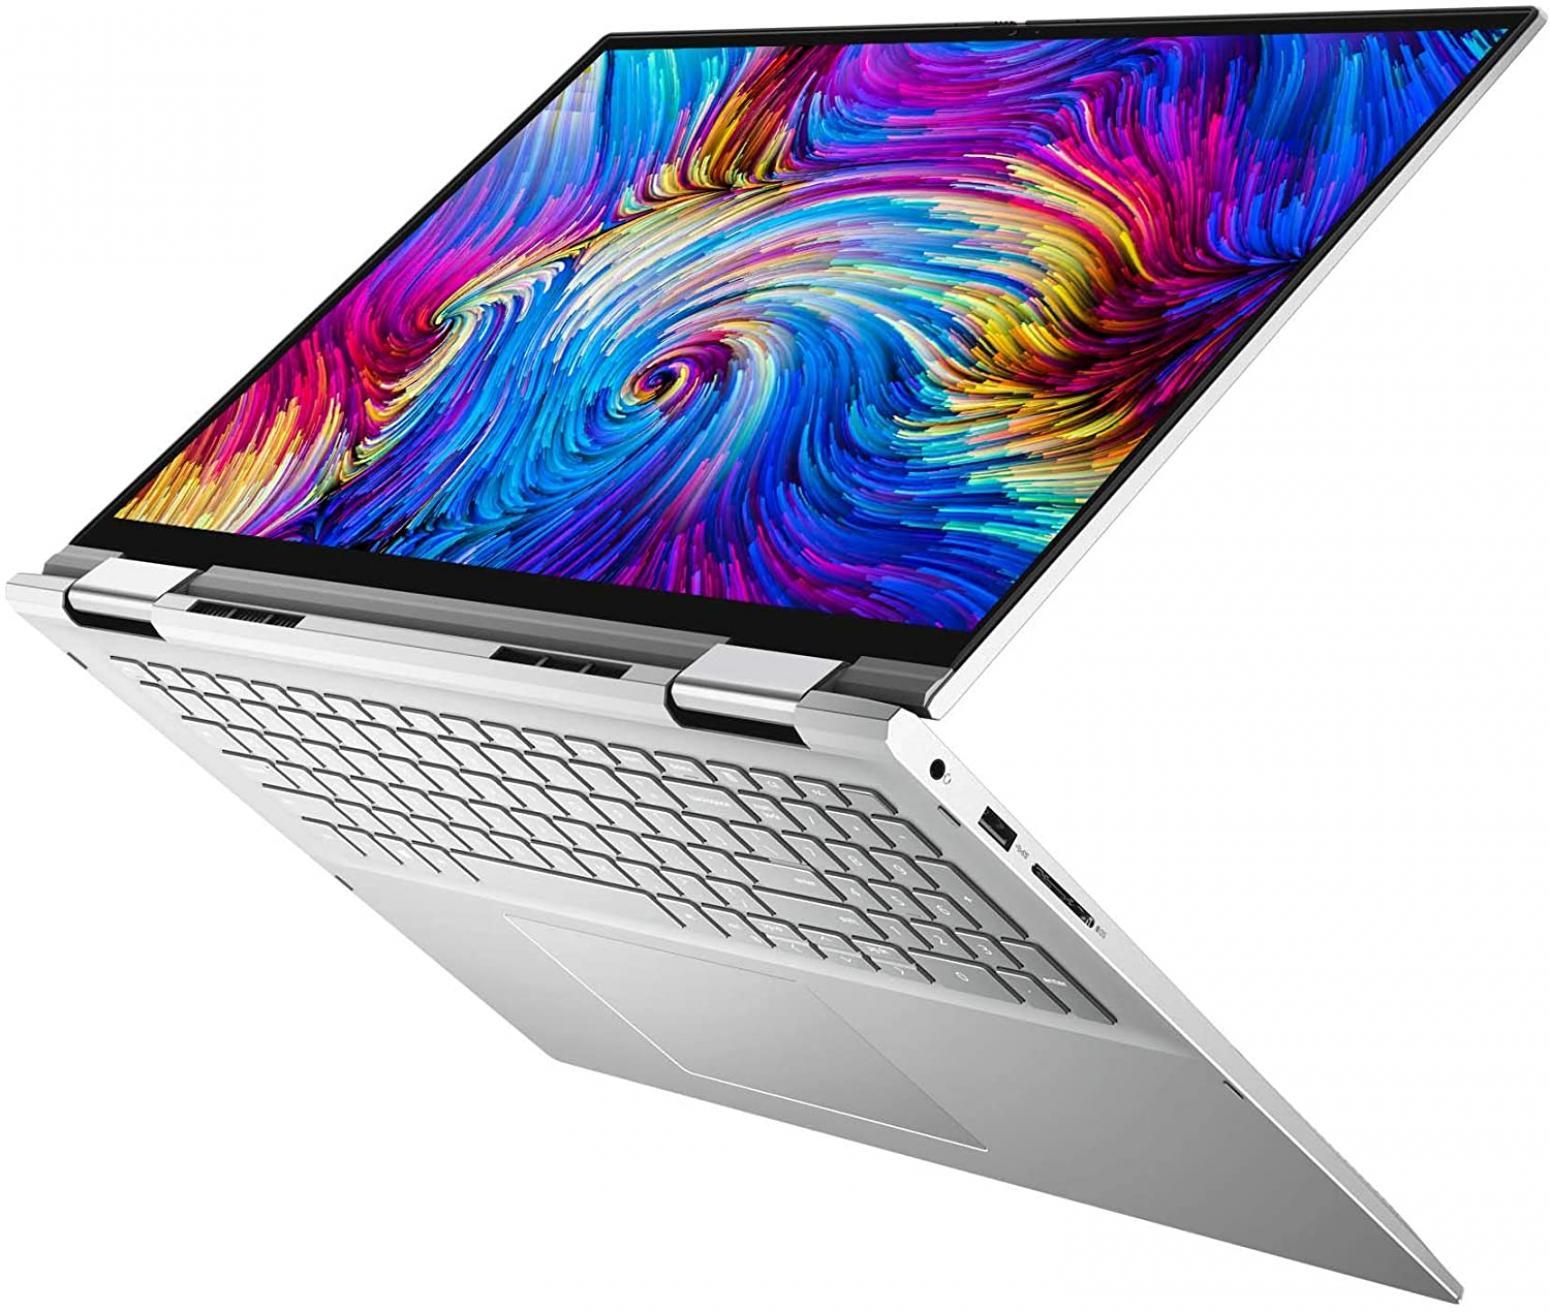 Image du PC portable Dell Inspiron 17 7706-812 2-en-1 Gris - i5 Iris Xe, SSD 512 Go